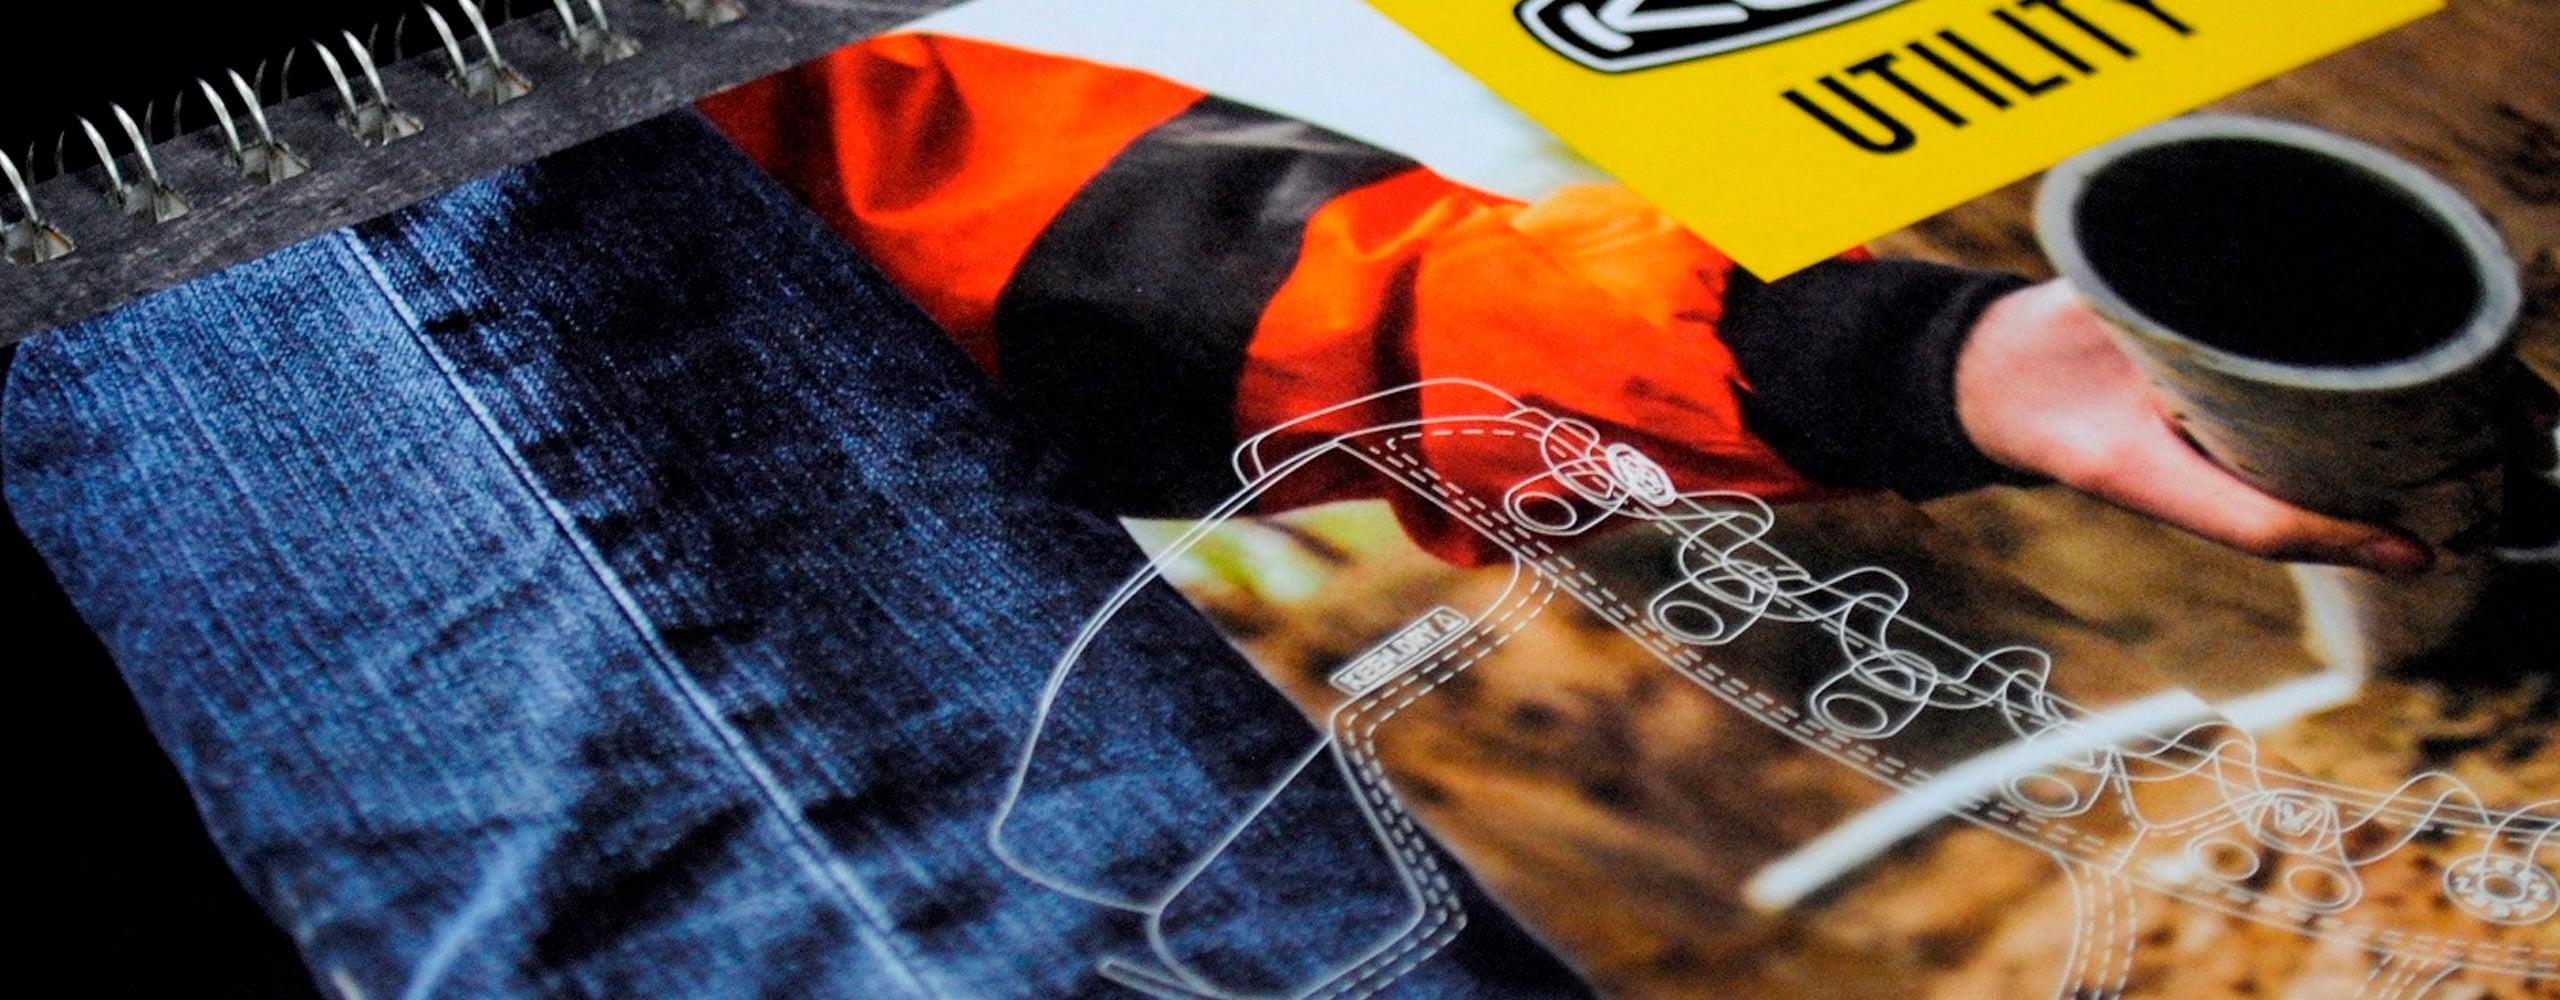 Banner for Keen Catalogue marketing materials